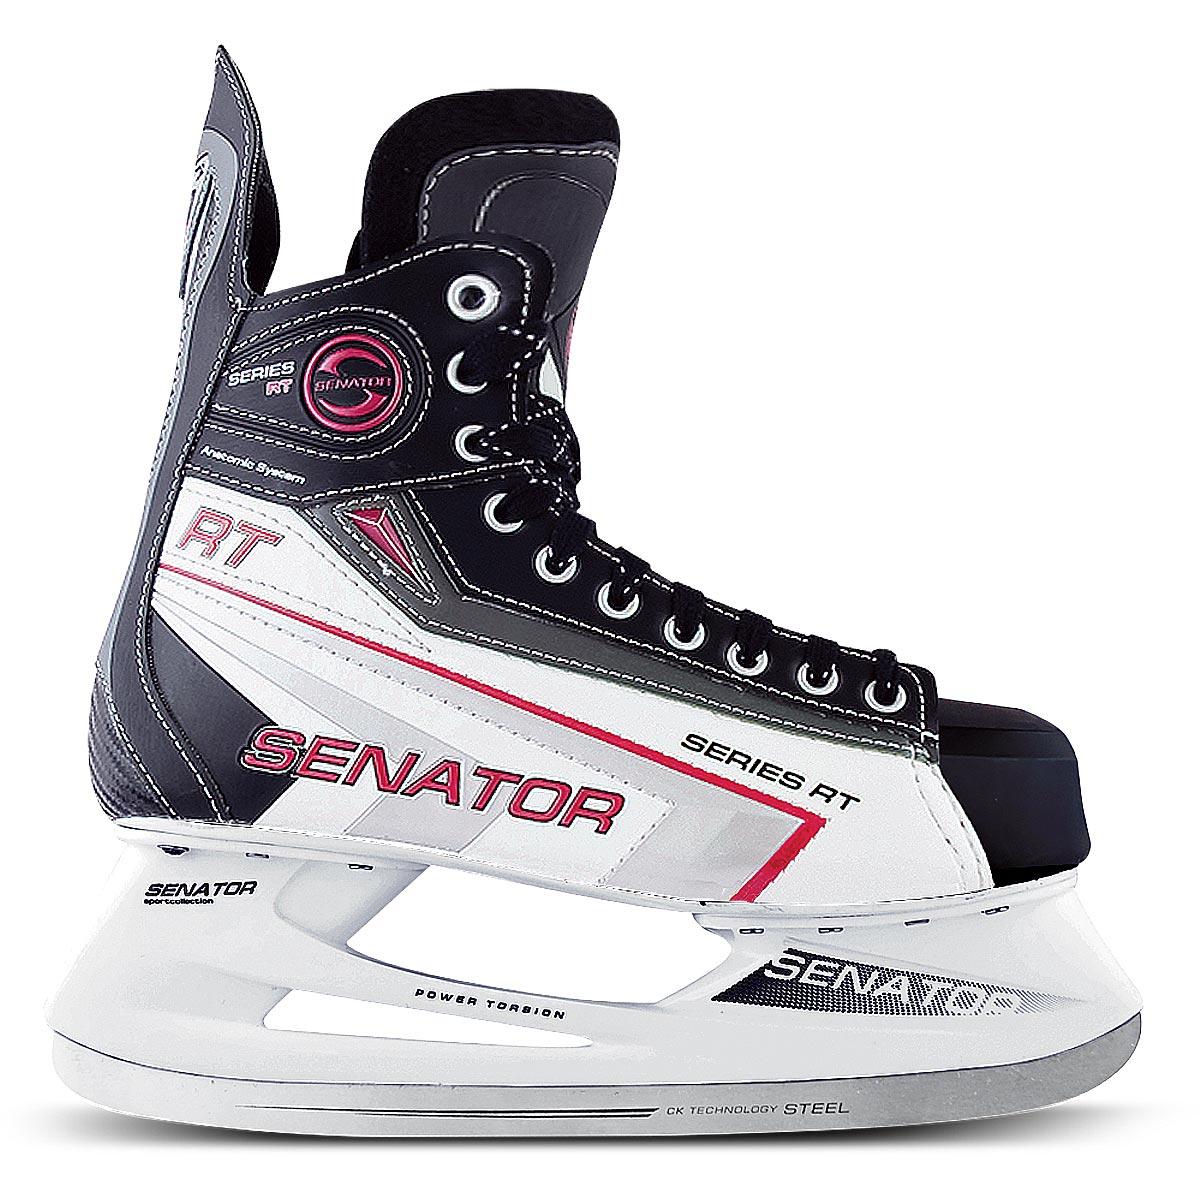 Коньки хоккейные для мальчика Senator RTSENATOR RTСтильные коньки для мальчика от CK прекрасно подойдут для начинающих игроков в хоккей. Ботинок выполнен из морозоустойчивой искусственной кожи и ПВХ. Мыс дополнен вставкой, которая защитит ноги от ударов. Внутренний слой и стелька изготовлены из мягкого вельвета, который обеспечит тепло и комфорт во время катания, язычок - из войлока. Плотная шнуровка надежно фиксирует модель на ноге. Анатомический голеностоп имеет удобный суппорт. По верху коньки декорированы оригинальным принтом и тиснением в виде логотипа бренда. Подошва - из твердого пластика. Стойка выполнена из ударопрочного поливинилхлорида. Лезвие из нержавеющей стали обеспечит превосходное скольжение. Оригинальные коньки придутся по душе вашему ребенку.